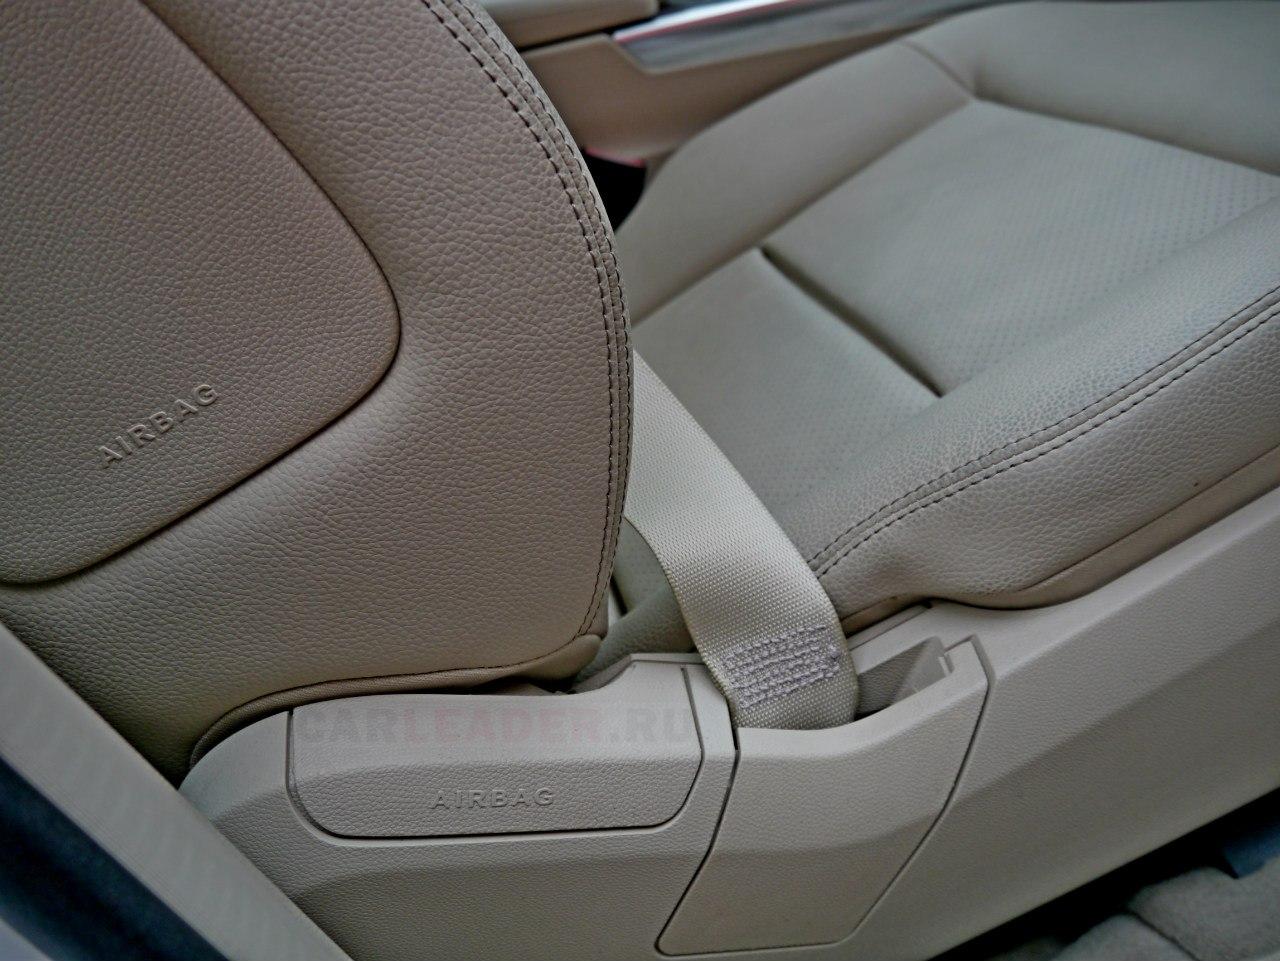 Целых две подушки безопасности в кресле - рекорд среди всего E-класса.